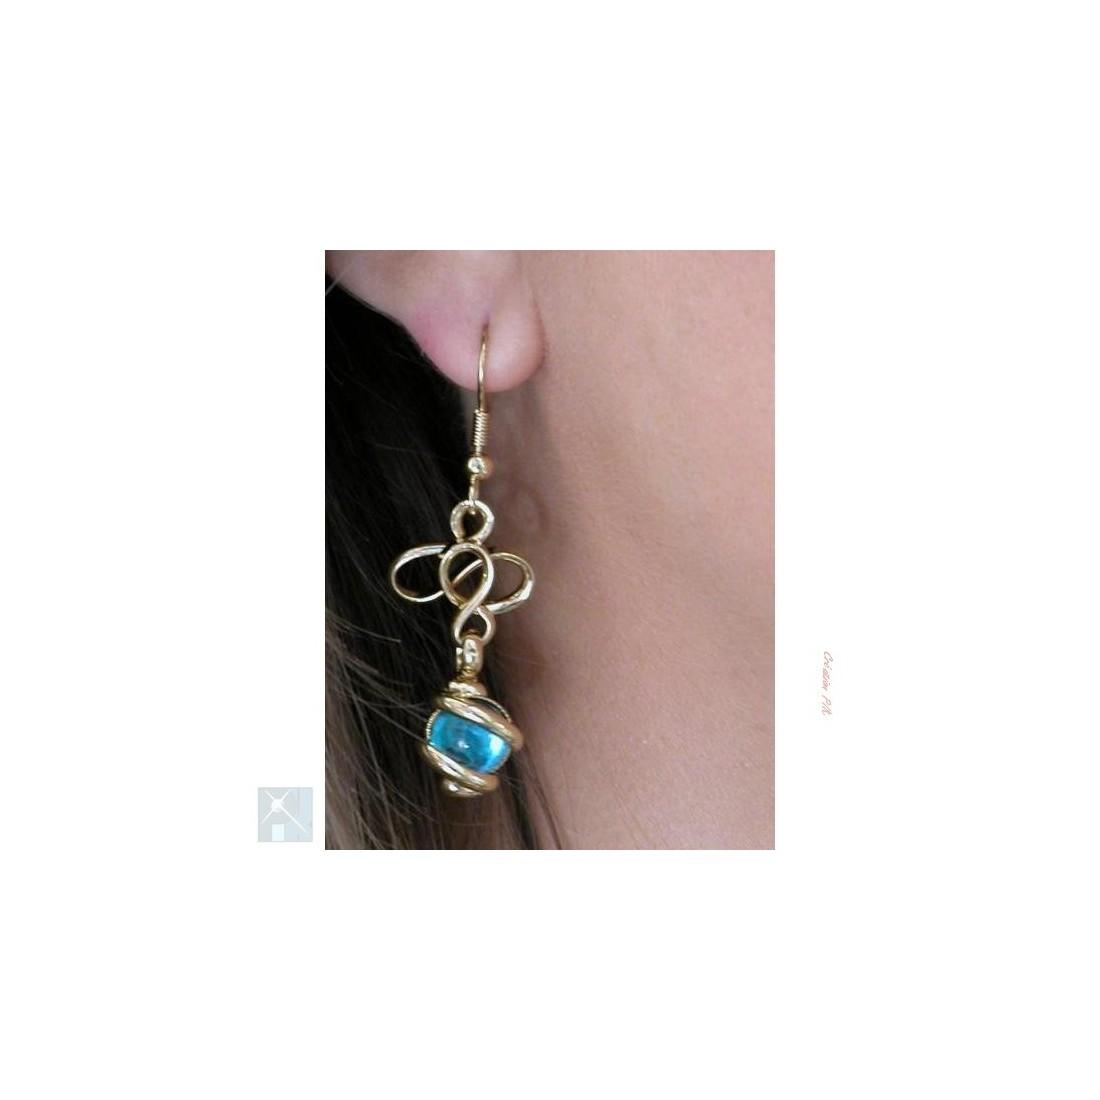 Boucles d'oreilles de créateur, bleu clair.